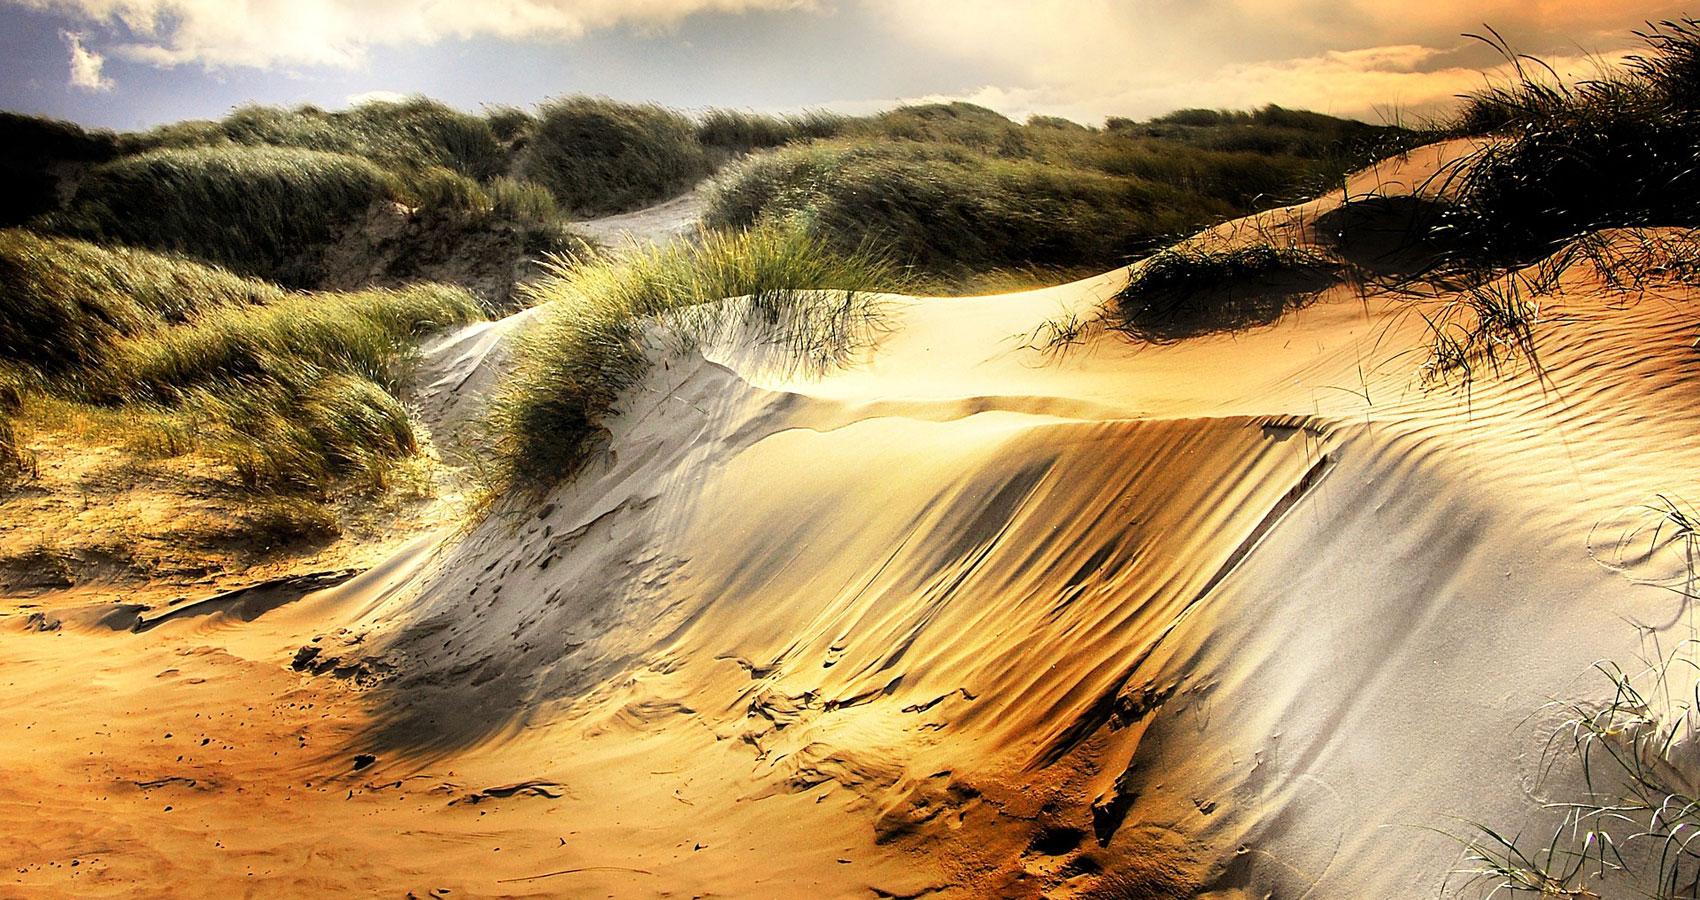 Dunes written by John R. Cobb at Spillwords.com